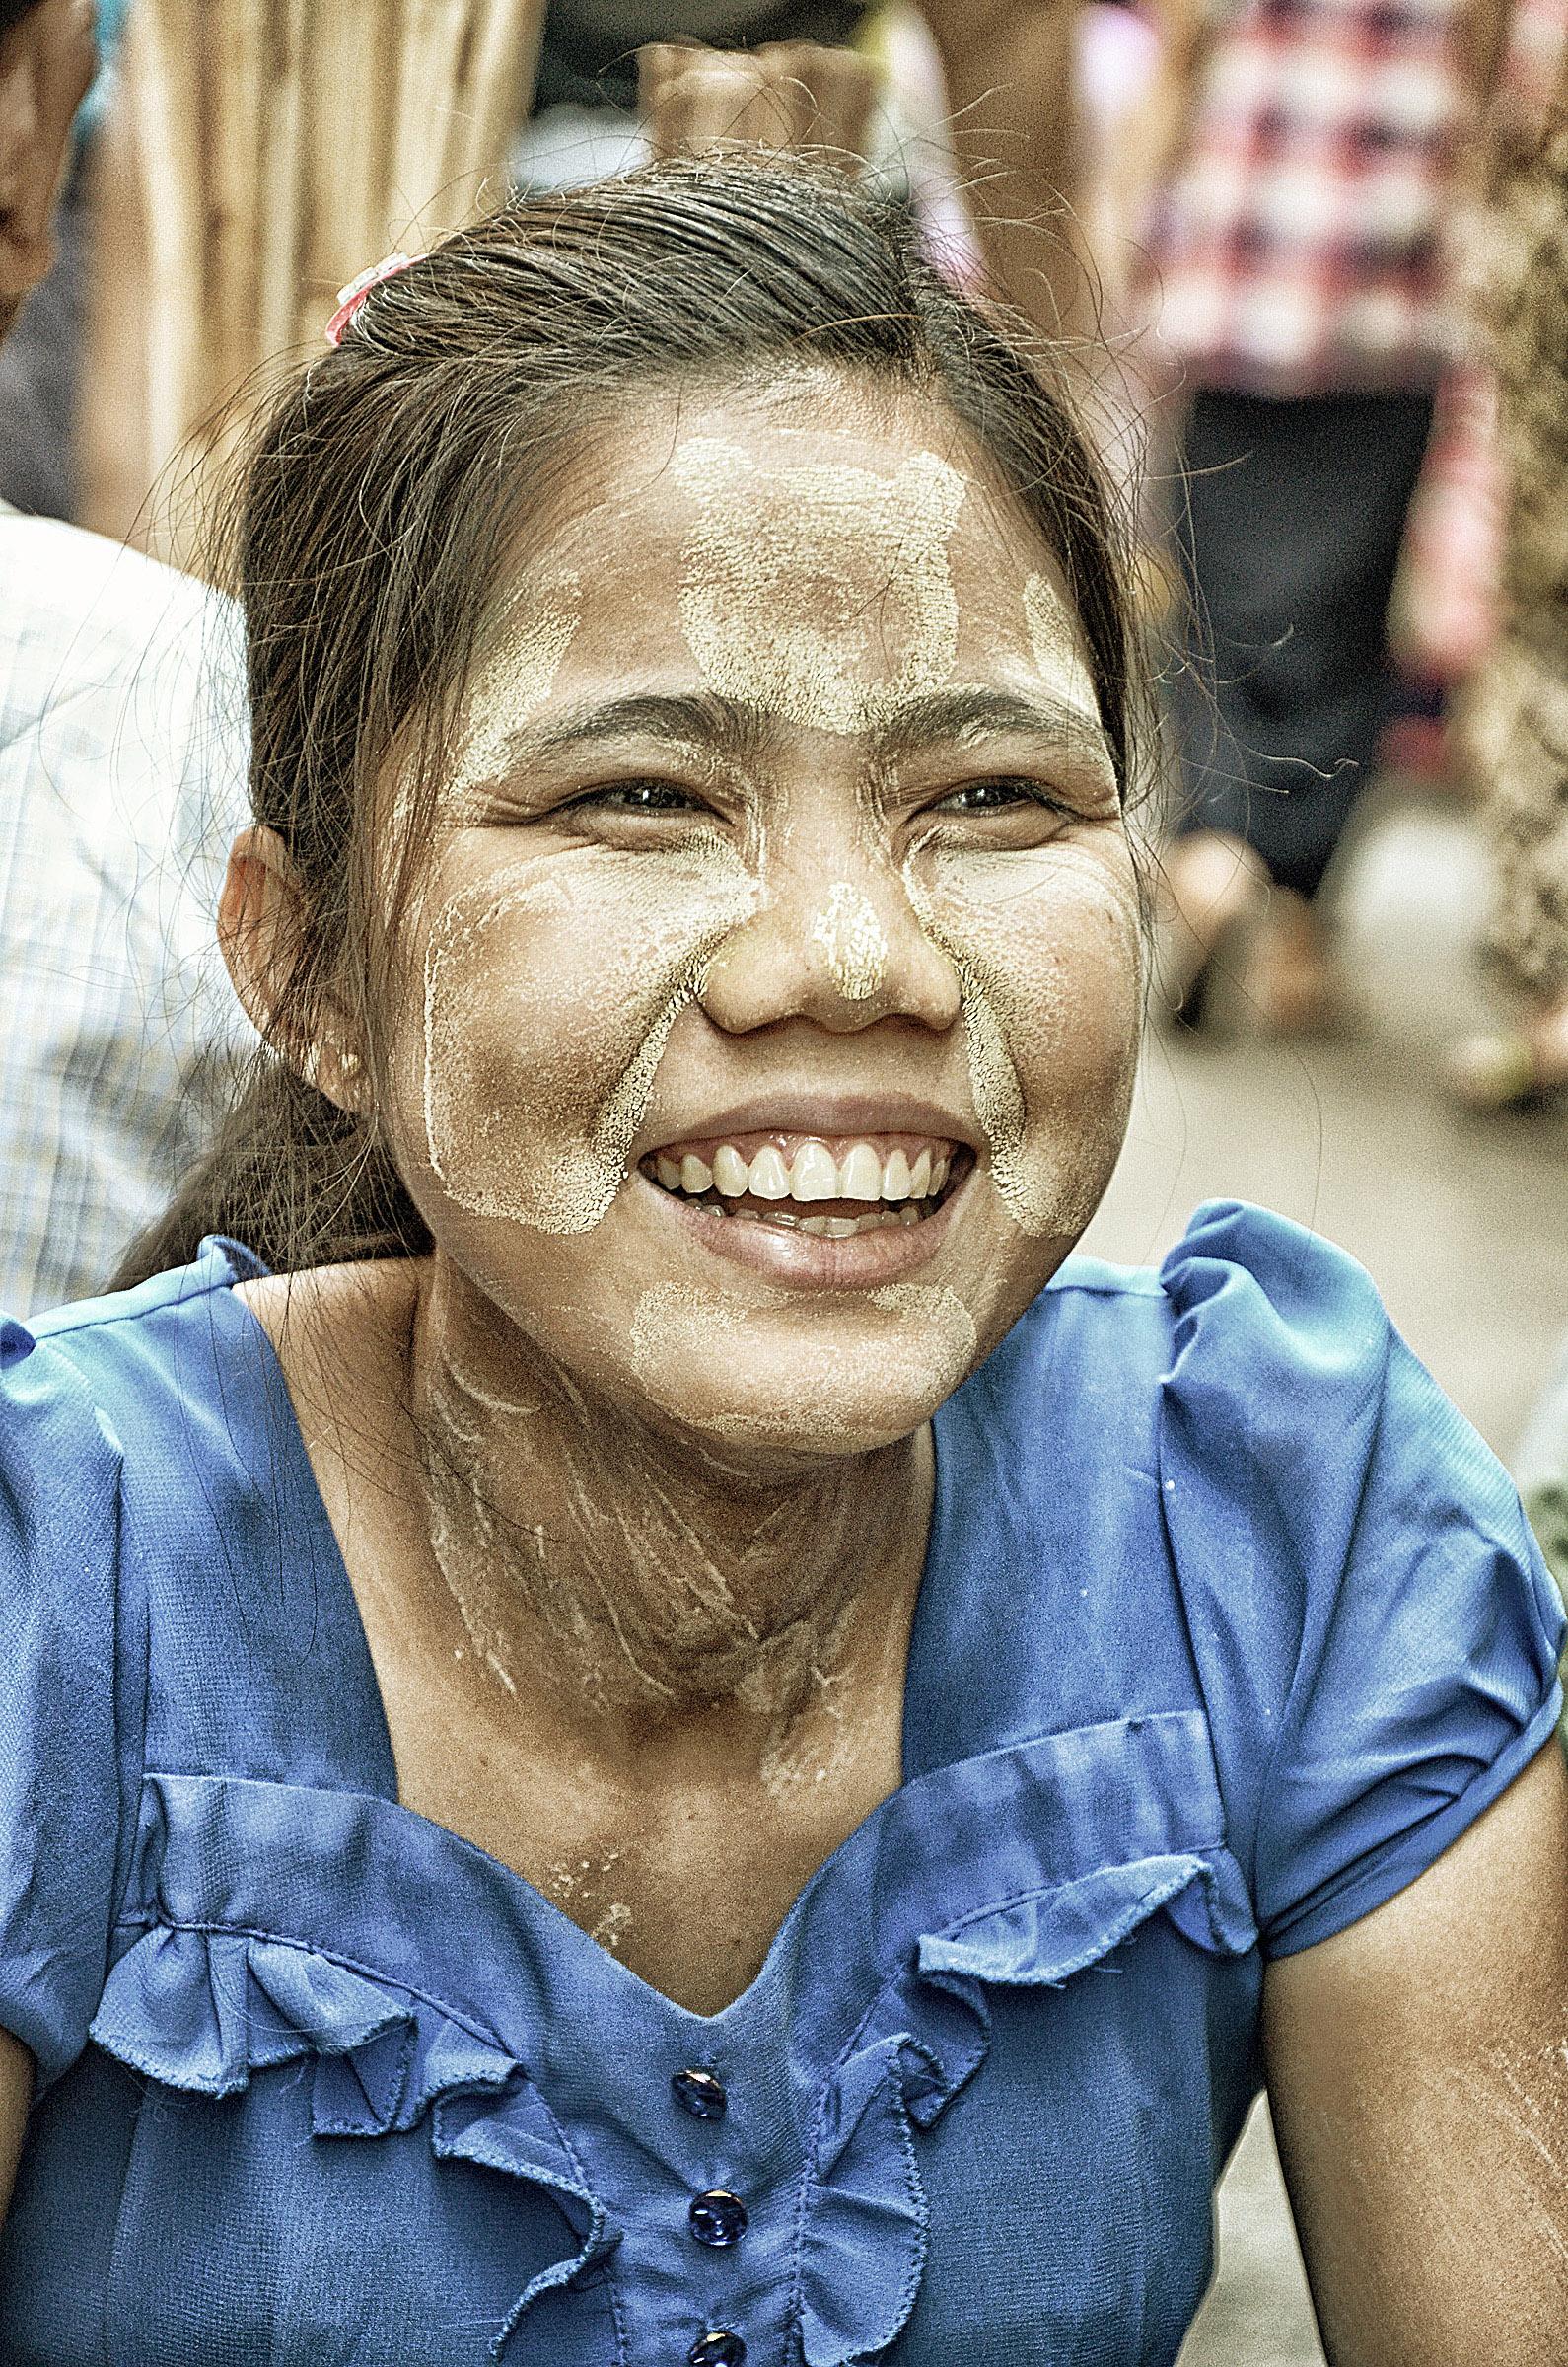 A nők arcukra, nyakukra és karjukra tanakát, porított fakéregből és -gyökérből készült kozmetikumot kennek, jellemzően szabályos alakzatokban, a lány homlokán például egy macifej vehető ki. Elsősorban szépészeti oka van (vonzónak tartják), de a nap ellen is véd és hűsíti a bőrt